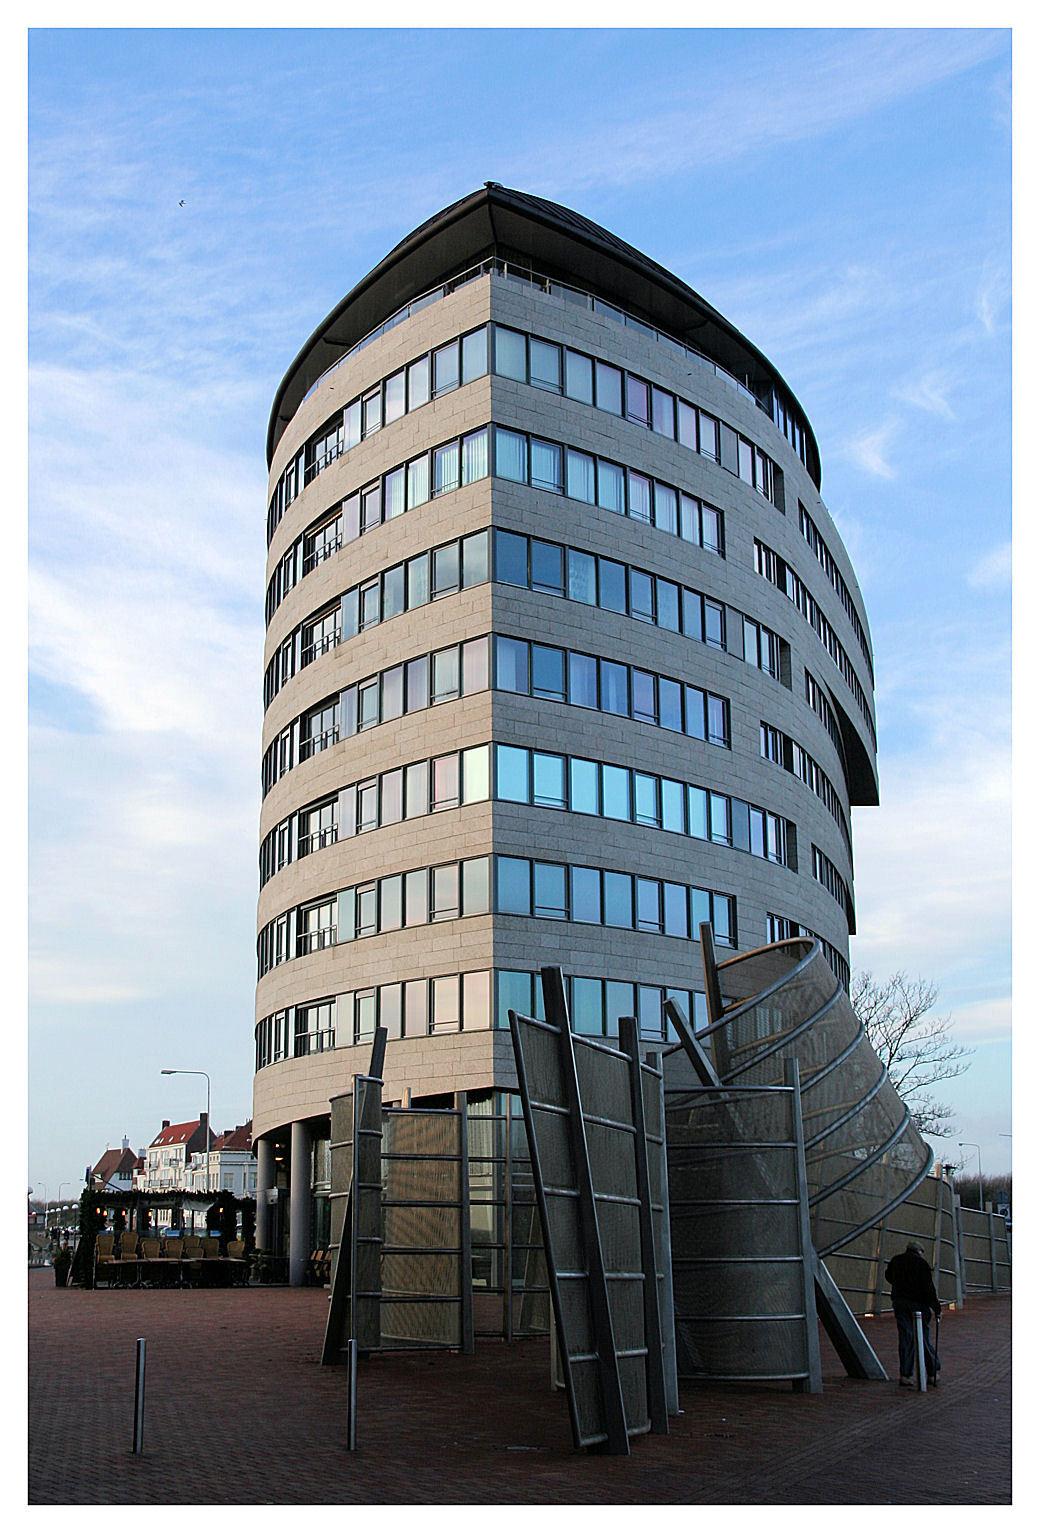 Strandveste - Een ander prachtig gebouw op de Vlissingse boulevard is de Strandveste. Gebouwd in de vorm van een gigantisch zeeschip! - foto door WPP op 07-12-2006 - deze foto bevat: architectuur, vlissingen, boulevard, strandveste, wts